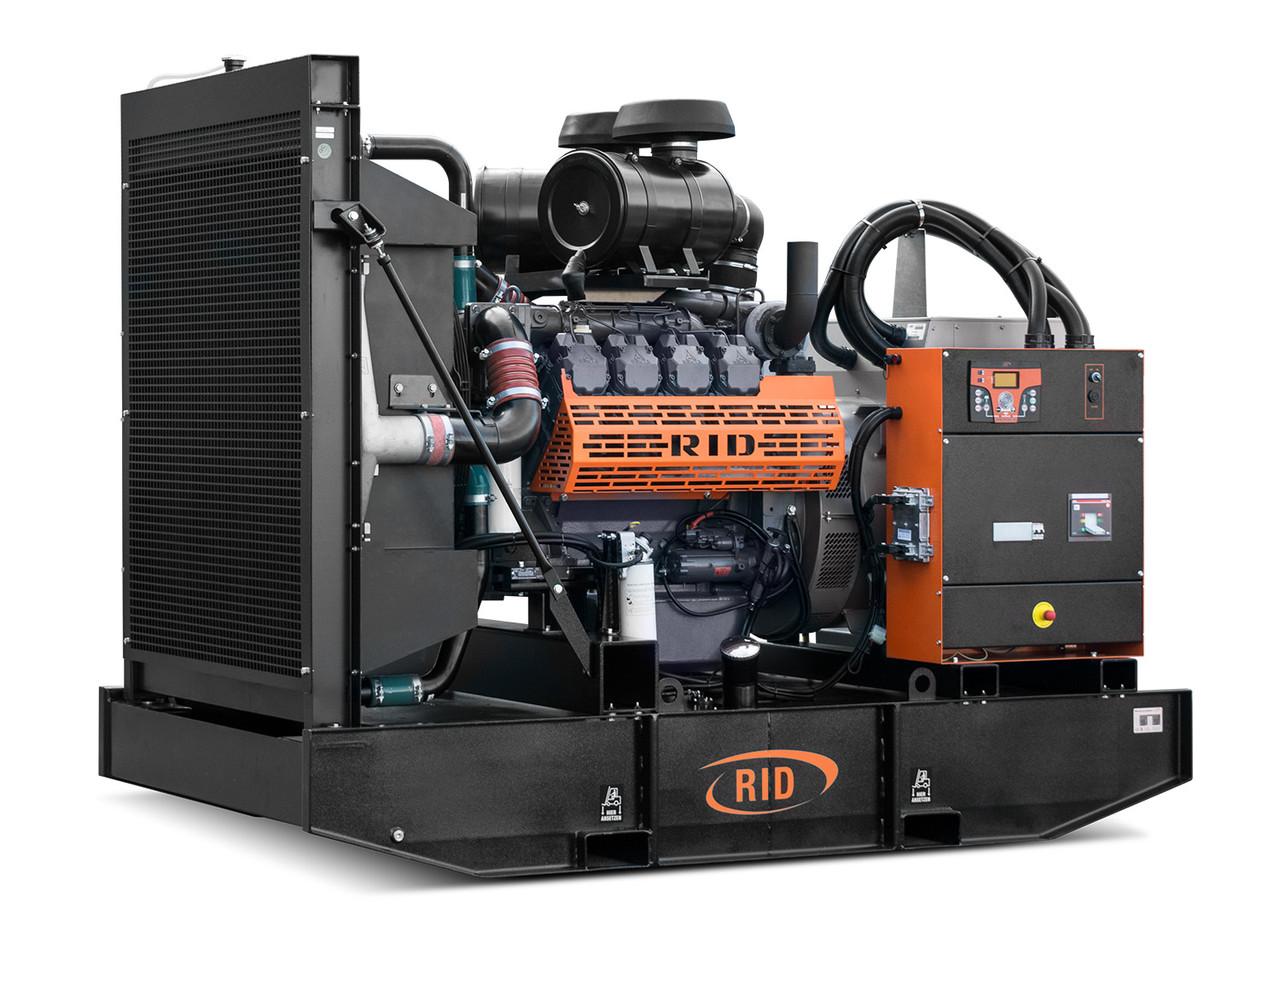 Трехфазный дизельный генератор RID 400 S-SERIES (400 кВА)